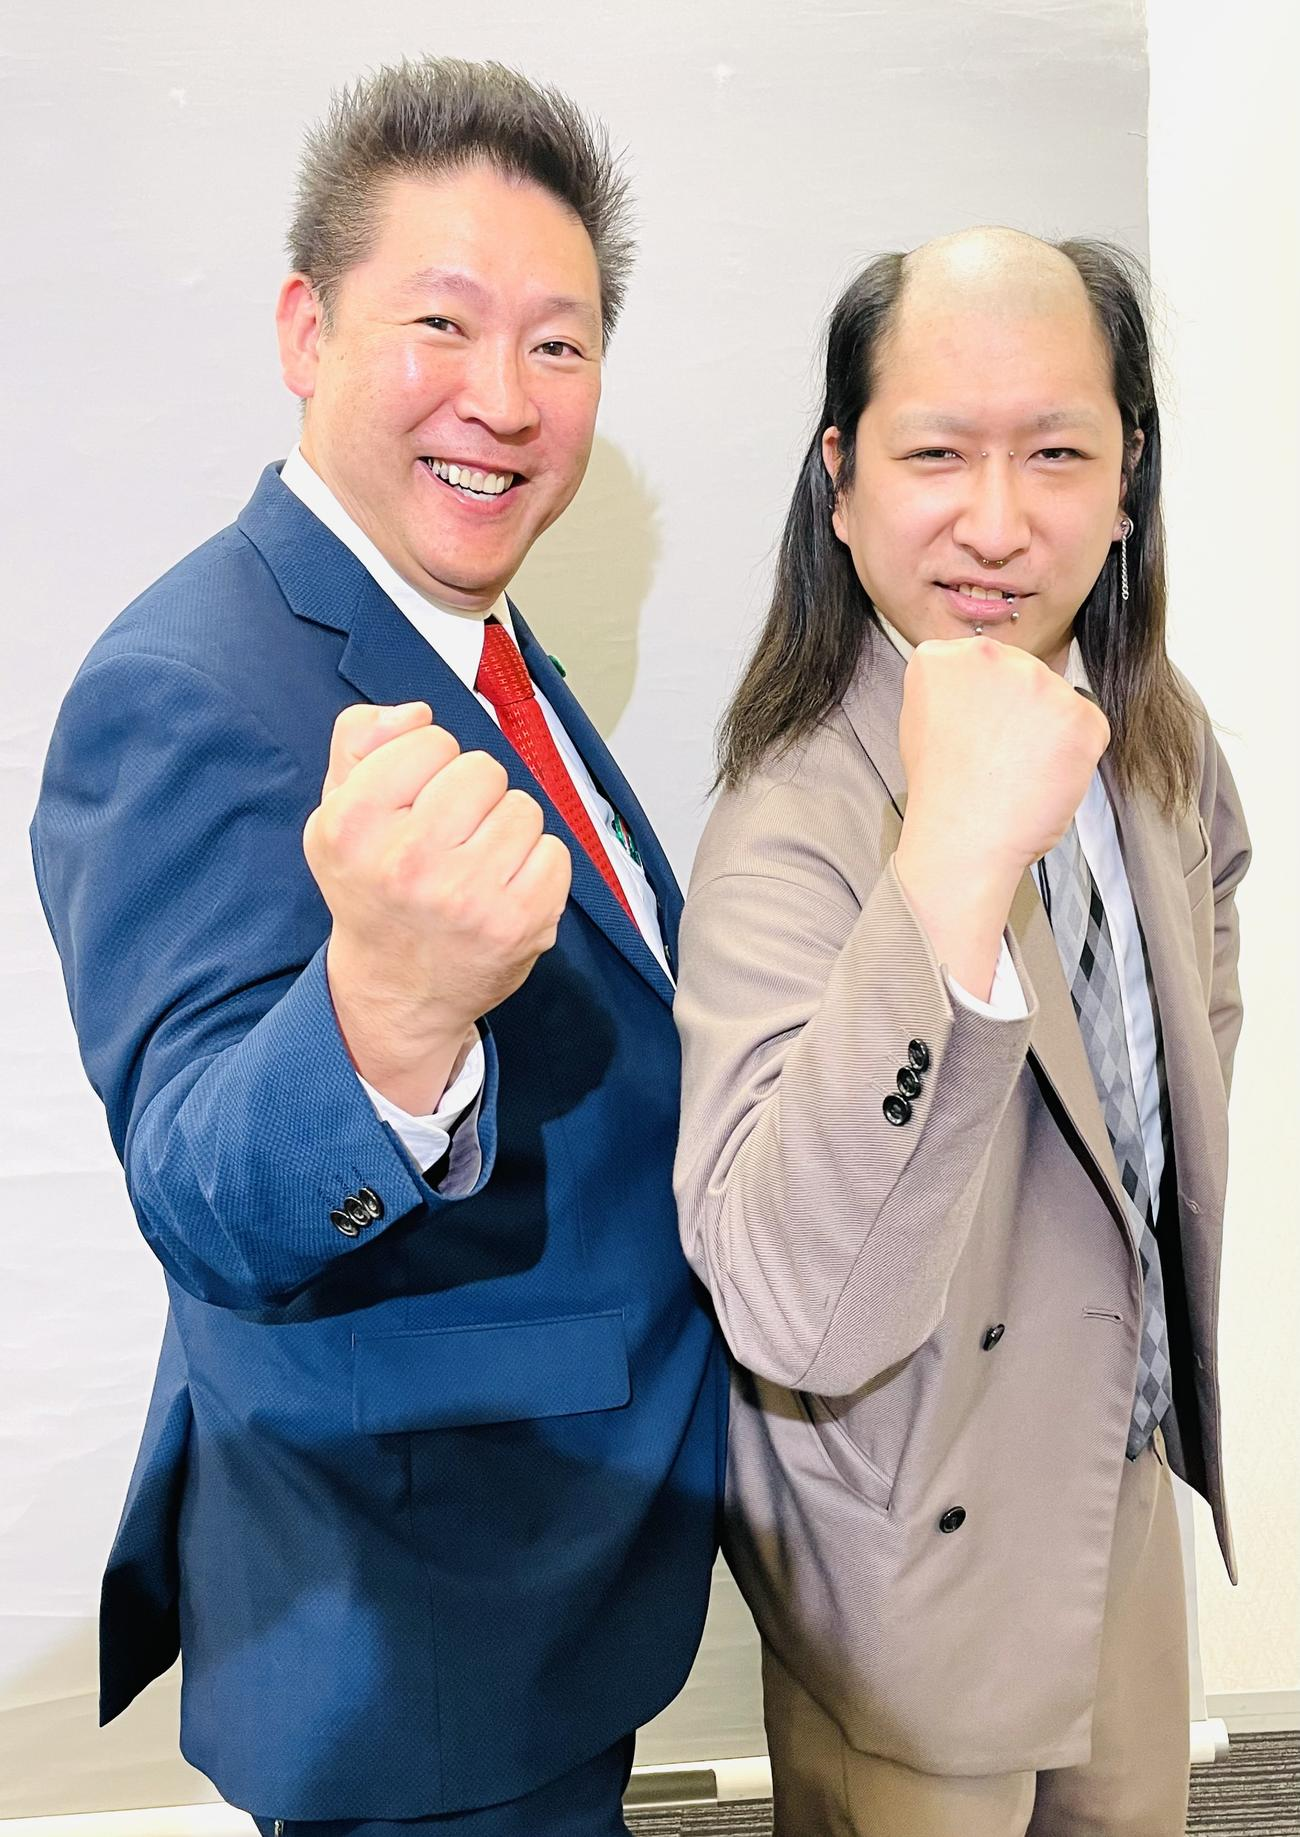 「今の政治にカツを入れる!」と力こぶをつくるNHK党の立花孝志党首(左)とYGこと矢島秀平氏